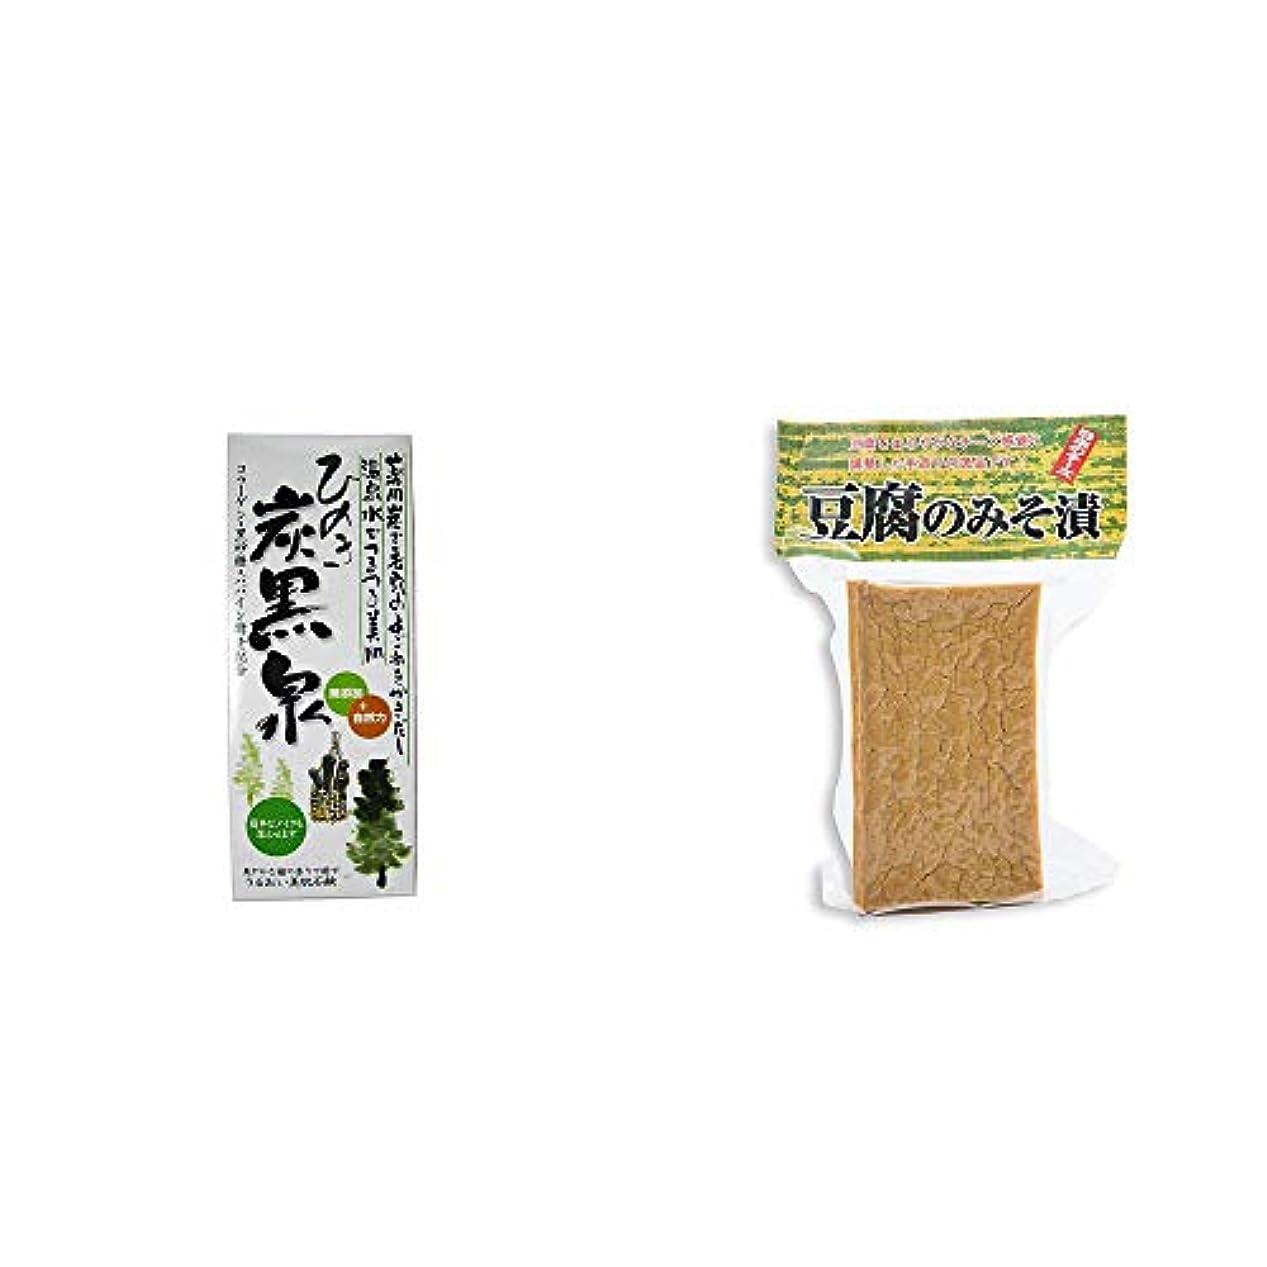 ペデスタルルーチン舞い上がる[2点セット] ひのき炭黒泉 箱入り(75g×3)?日本のチーズ 豆腐のみそ漬(1個入)